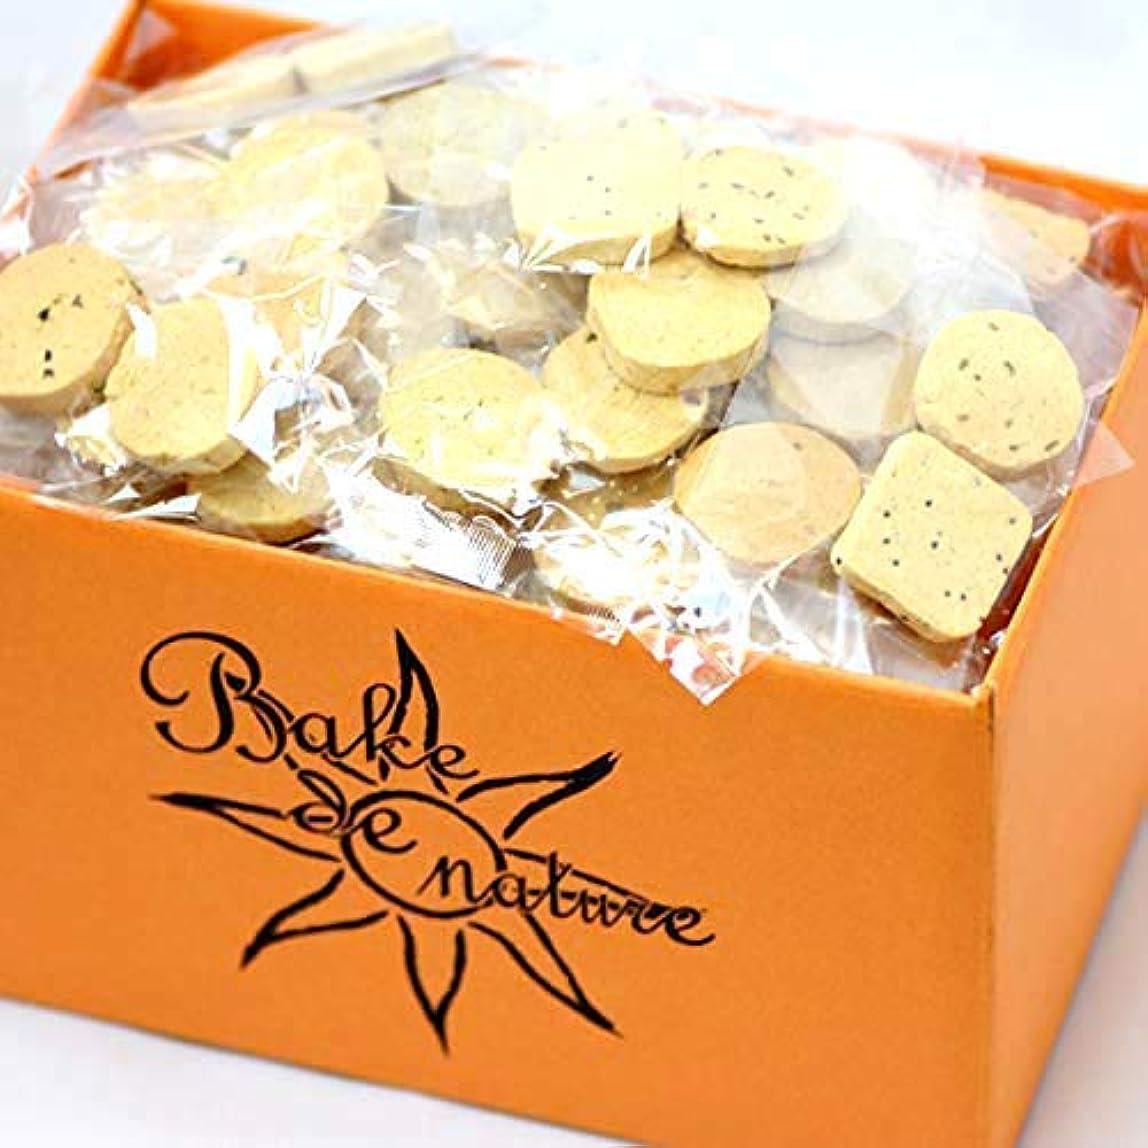 誓約時刻表ミニチュアスーパーフード豆乳おからクッキー (10種類MIX) 1袋 1kg (個包装) 小麦粉不使用のダイエットクッキー